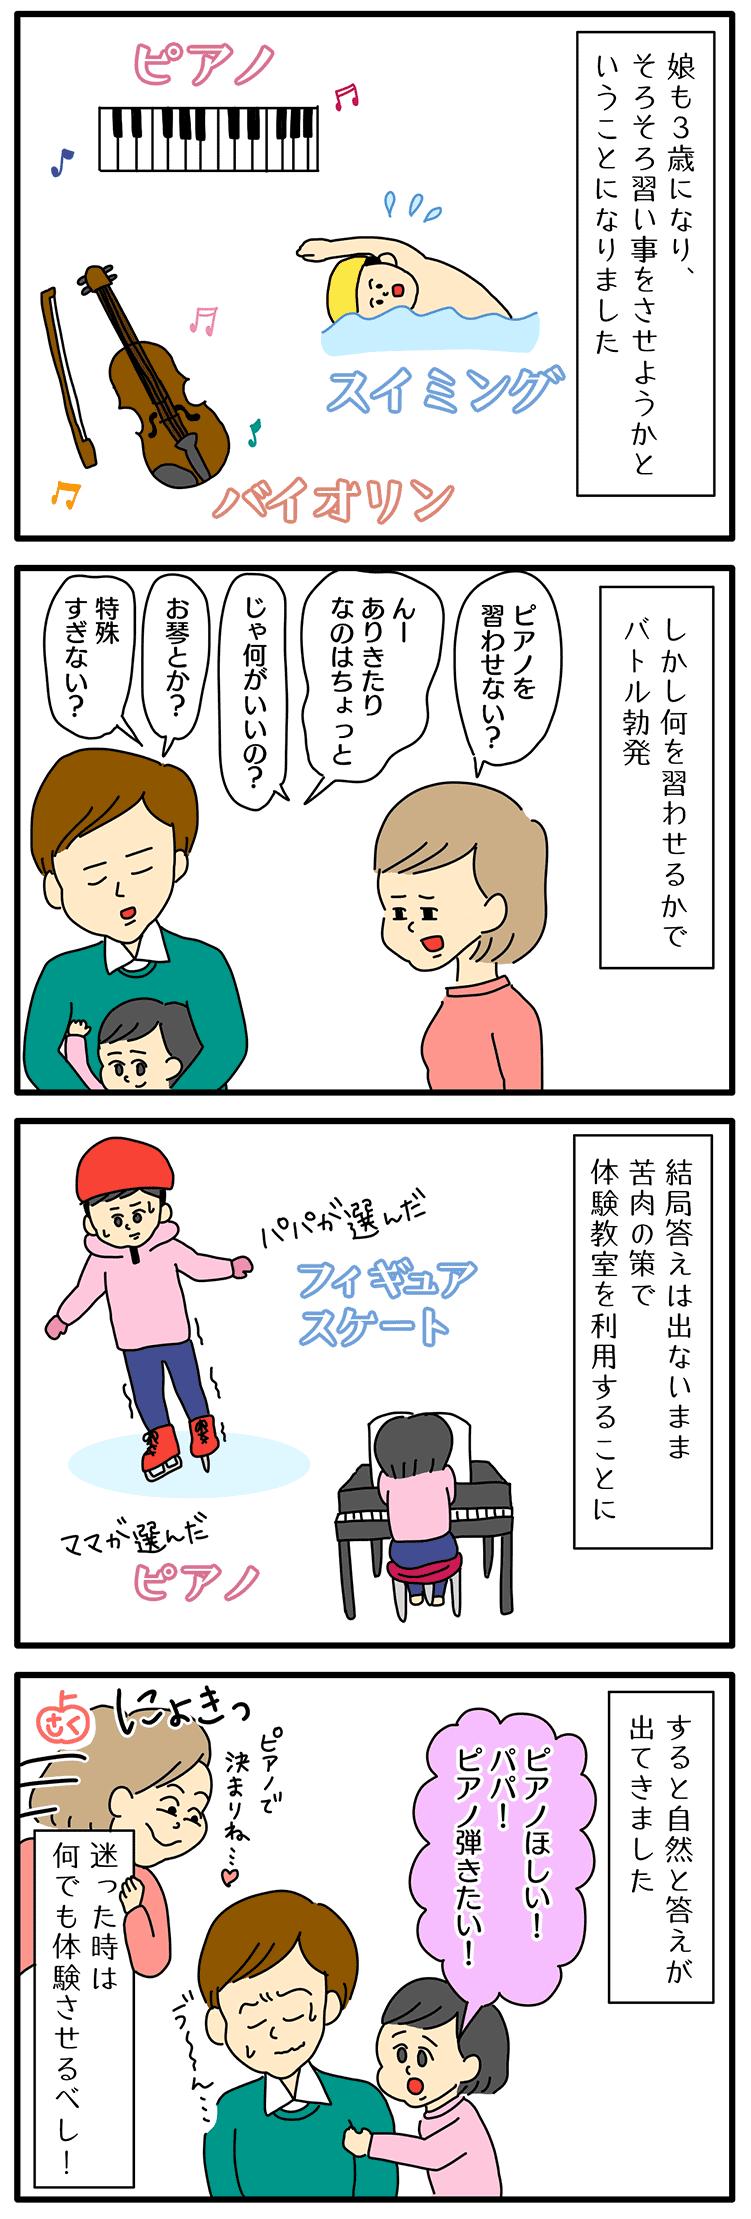 3歳までの習い事についての永岡さくら(saku)さんの子育て4コマ漫画